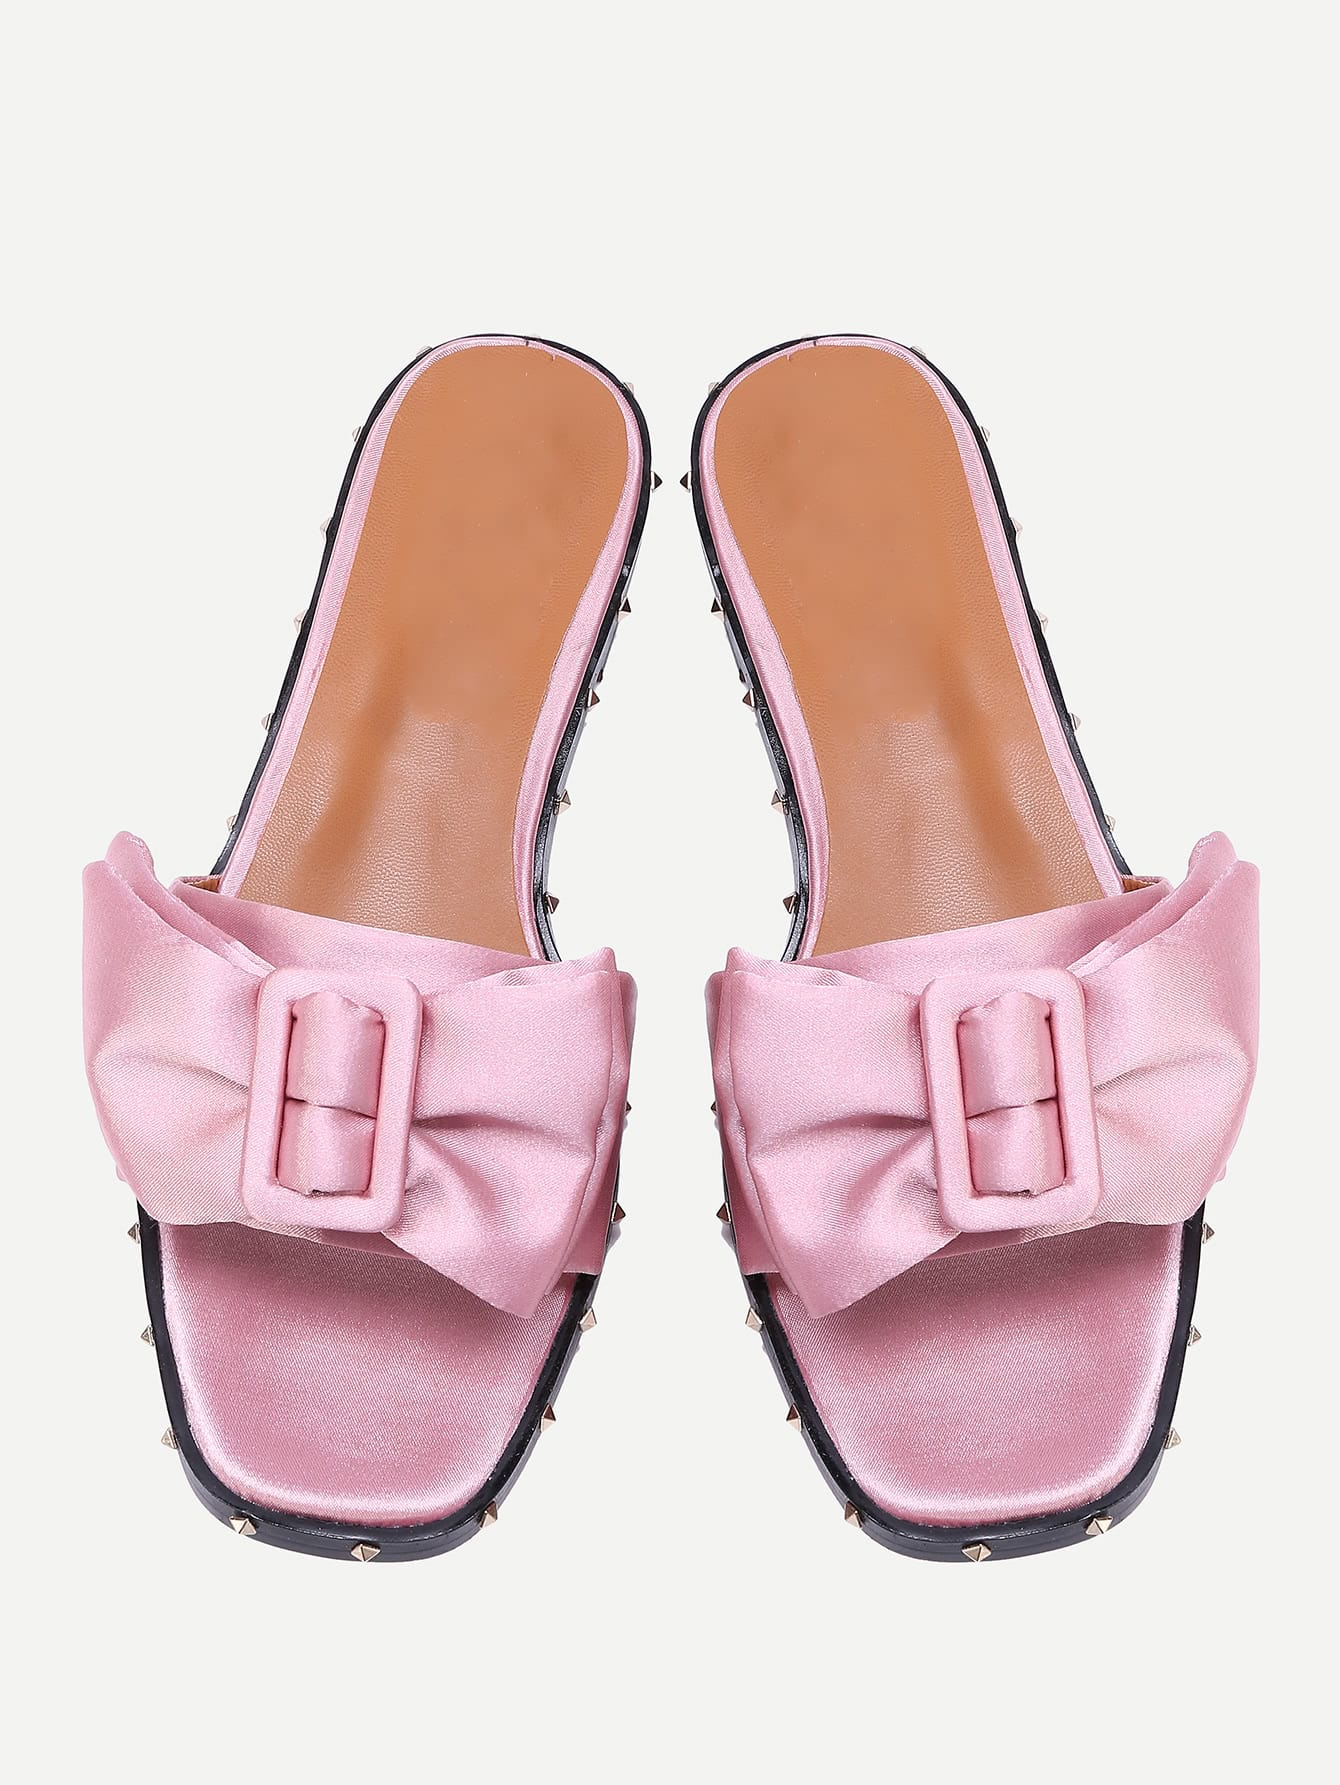 Фото Studded Detail Satin Sandals With Bow Tie. Купить с доставкой